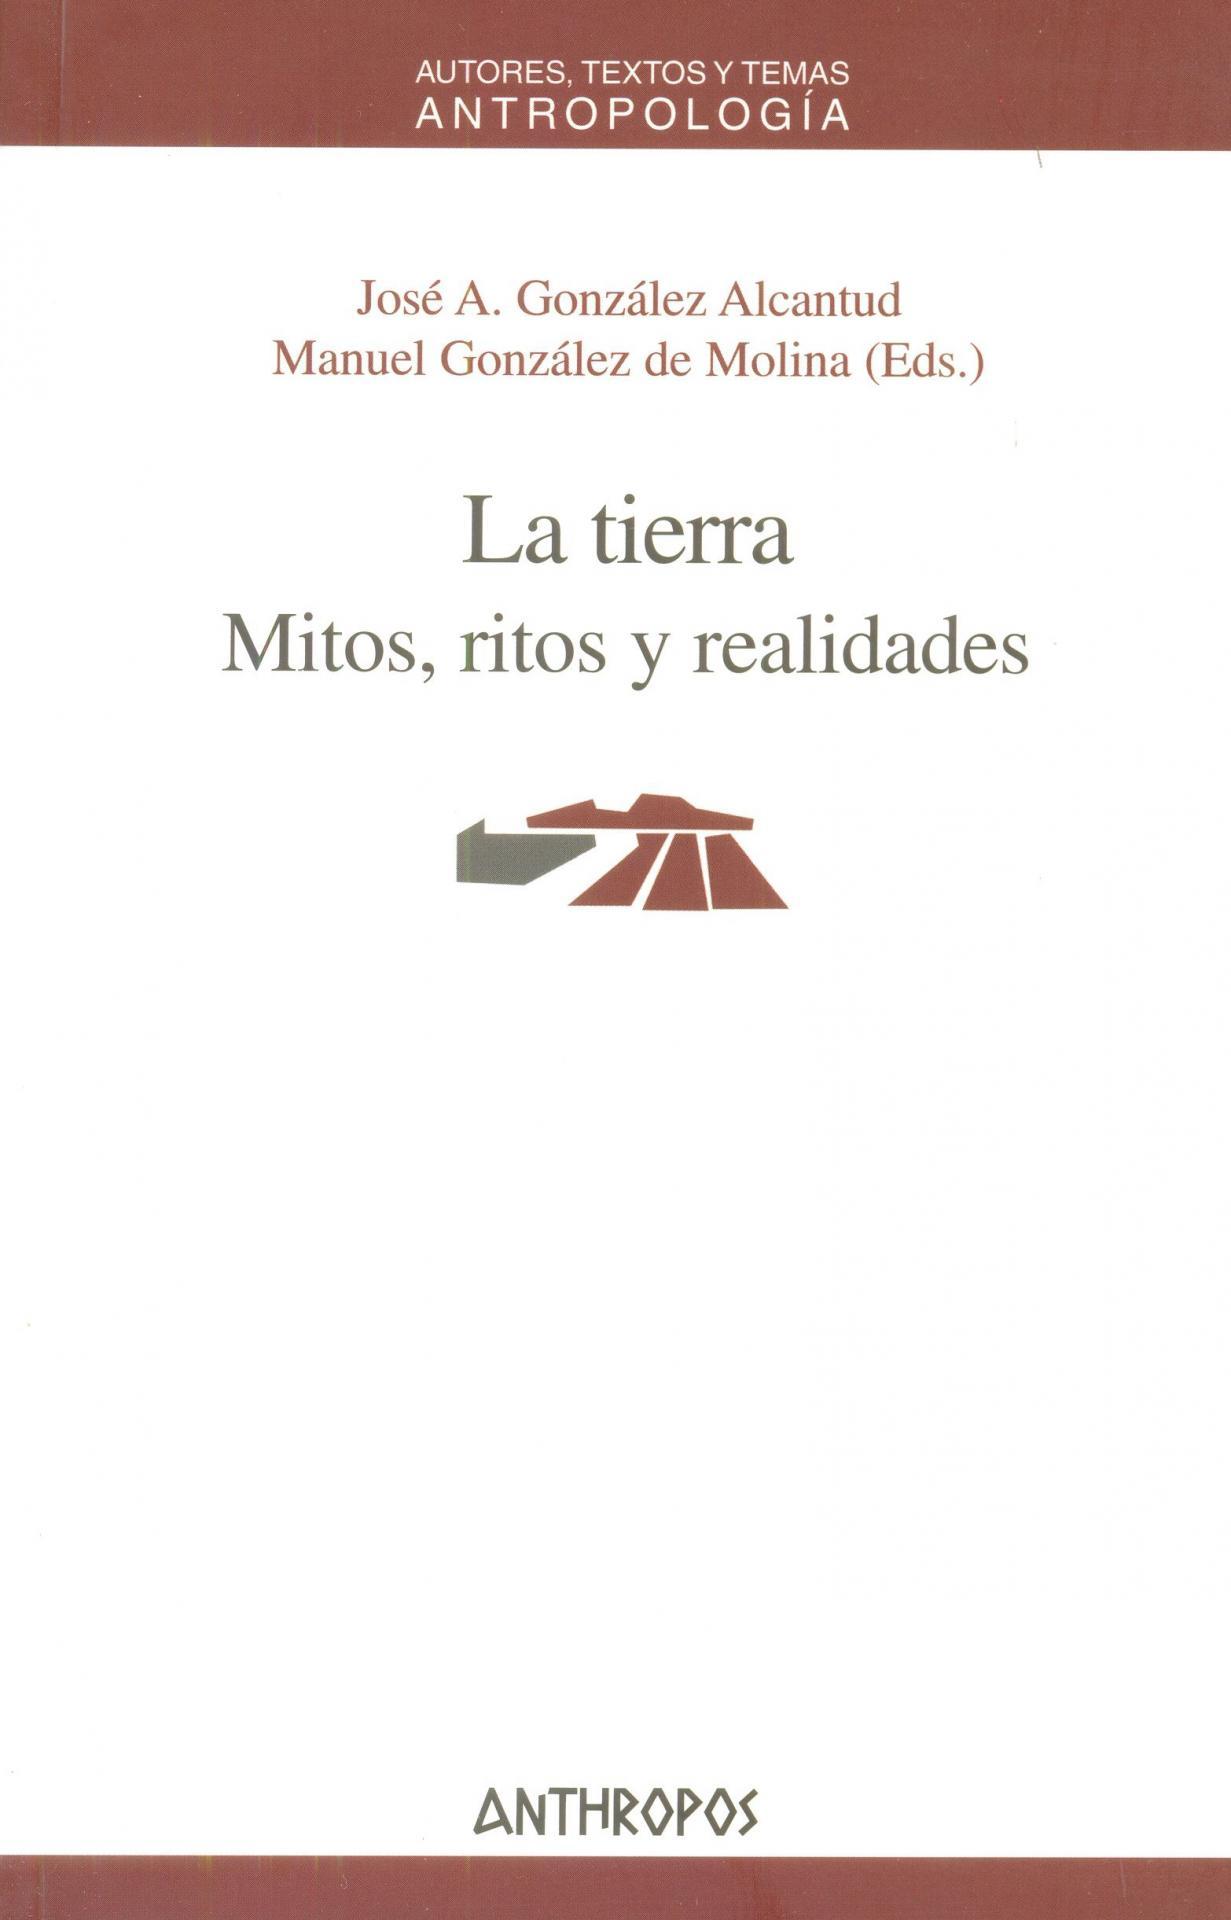 LA TIERRA. Mitos, ritos y realidades. González Alcantud, JA.